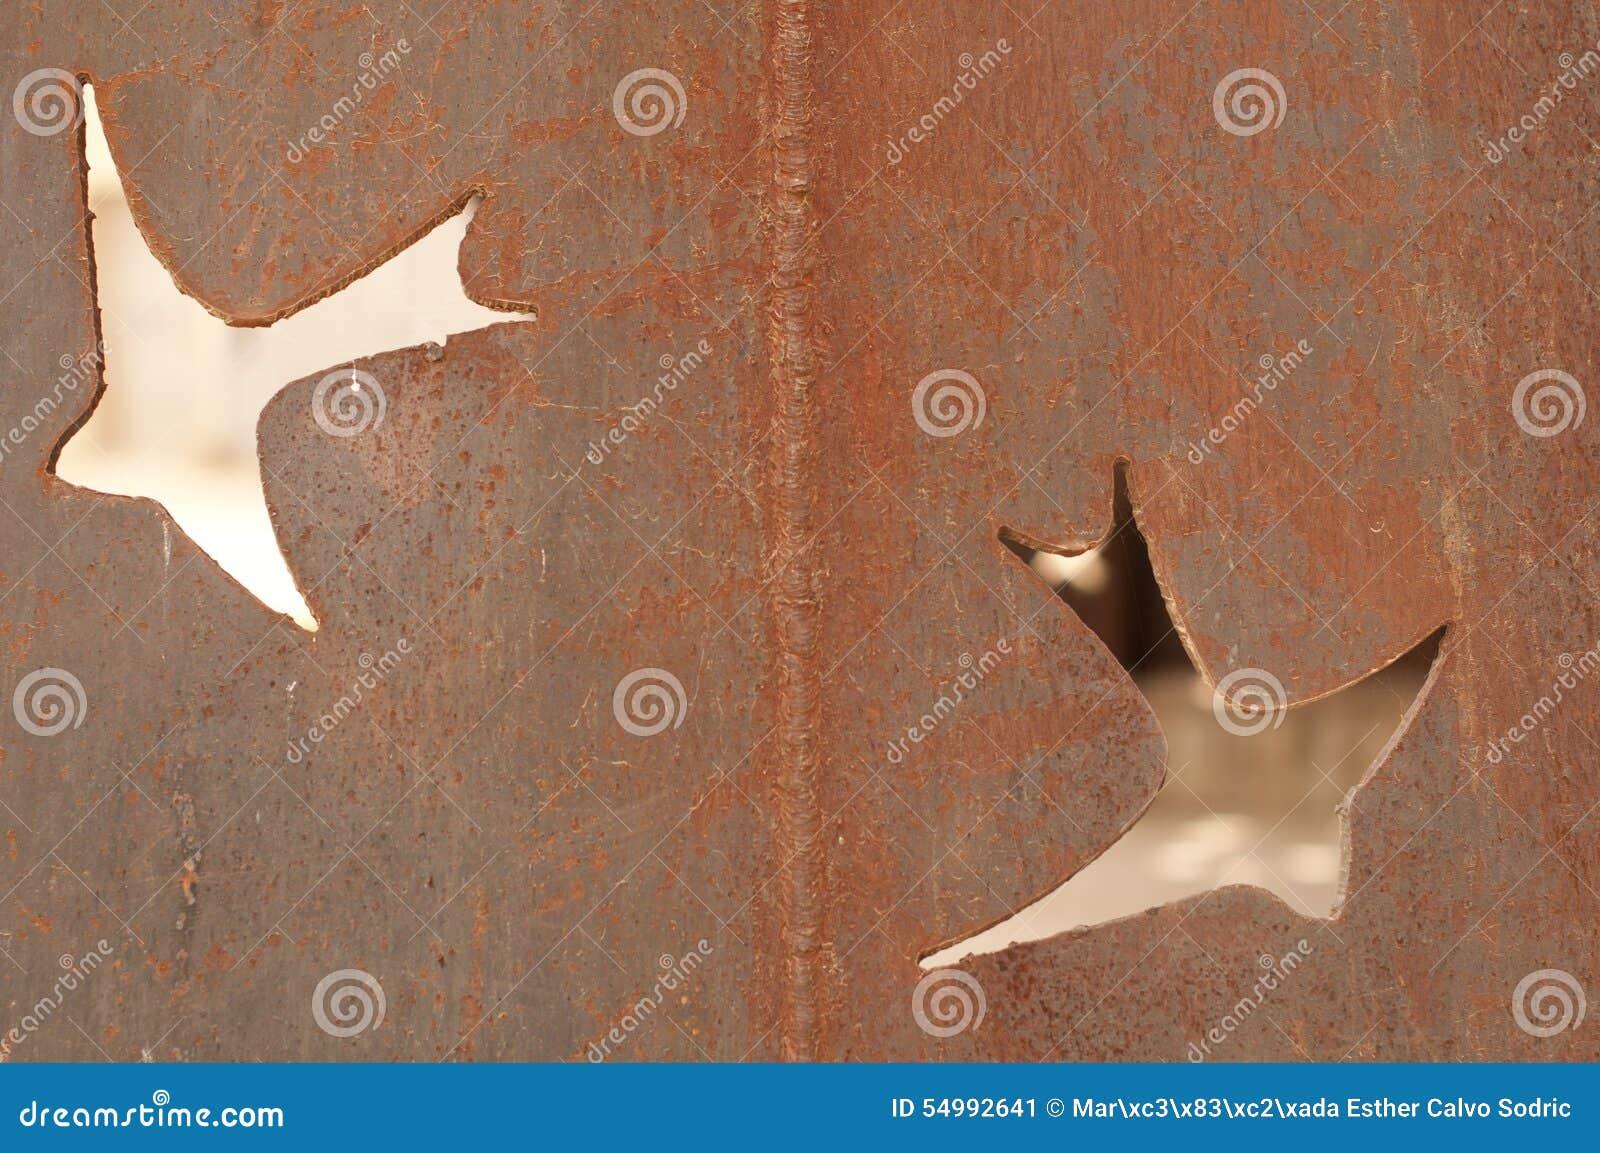 Fågelkonturer